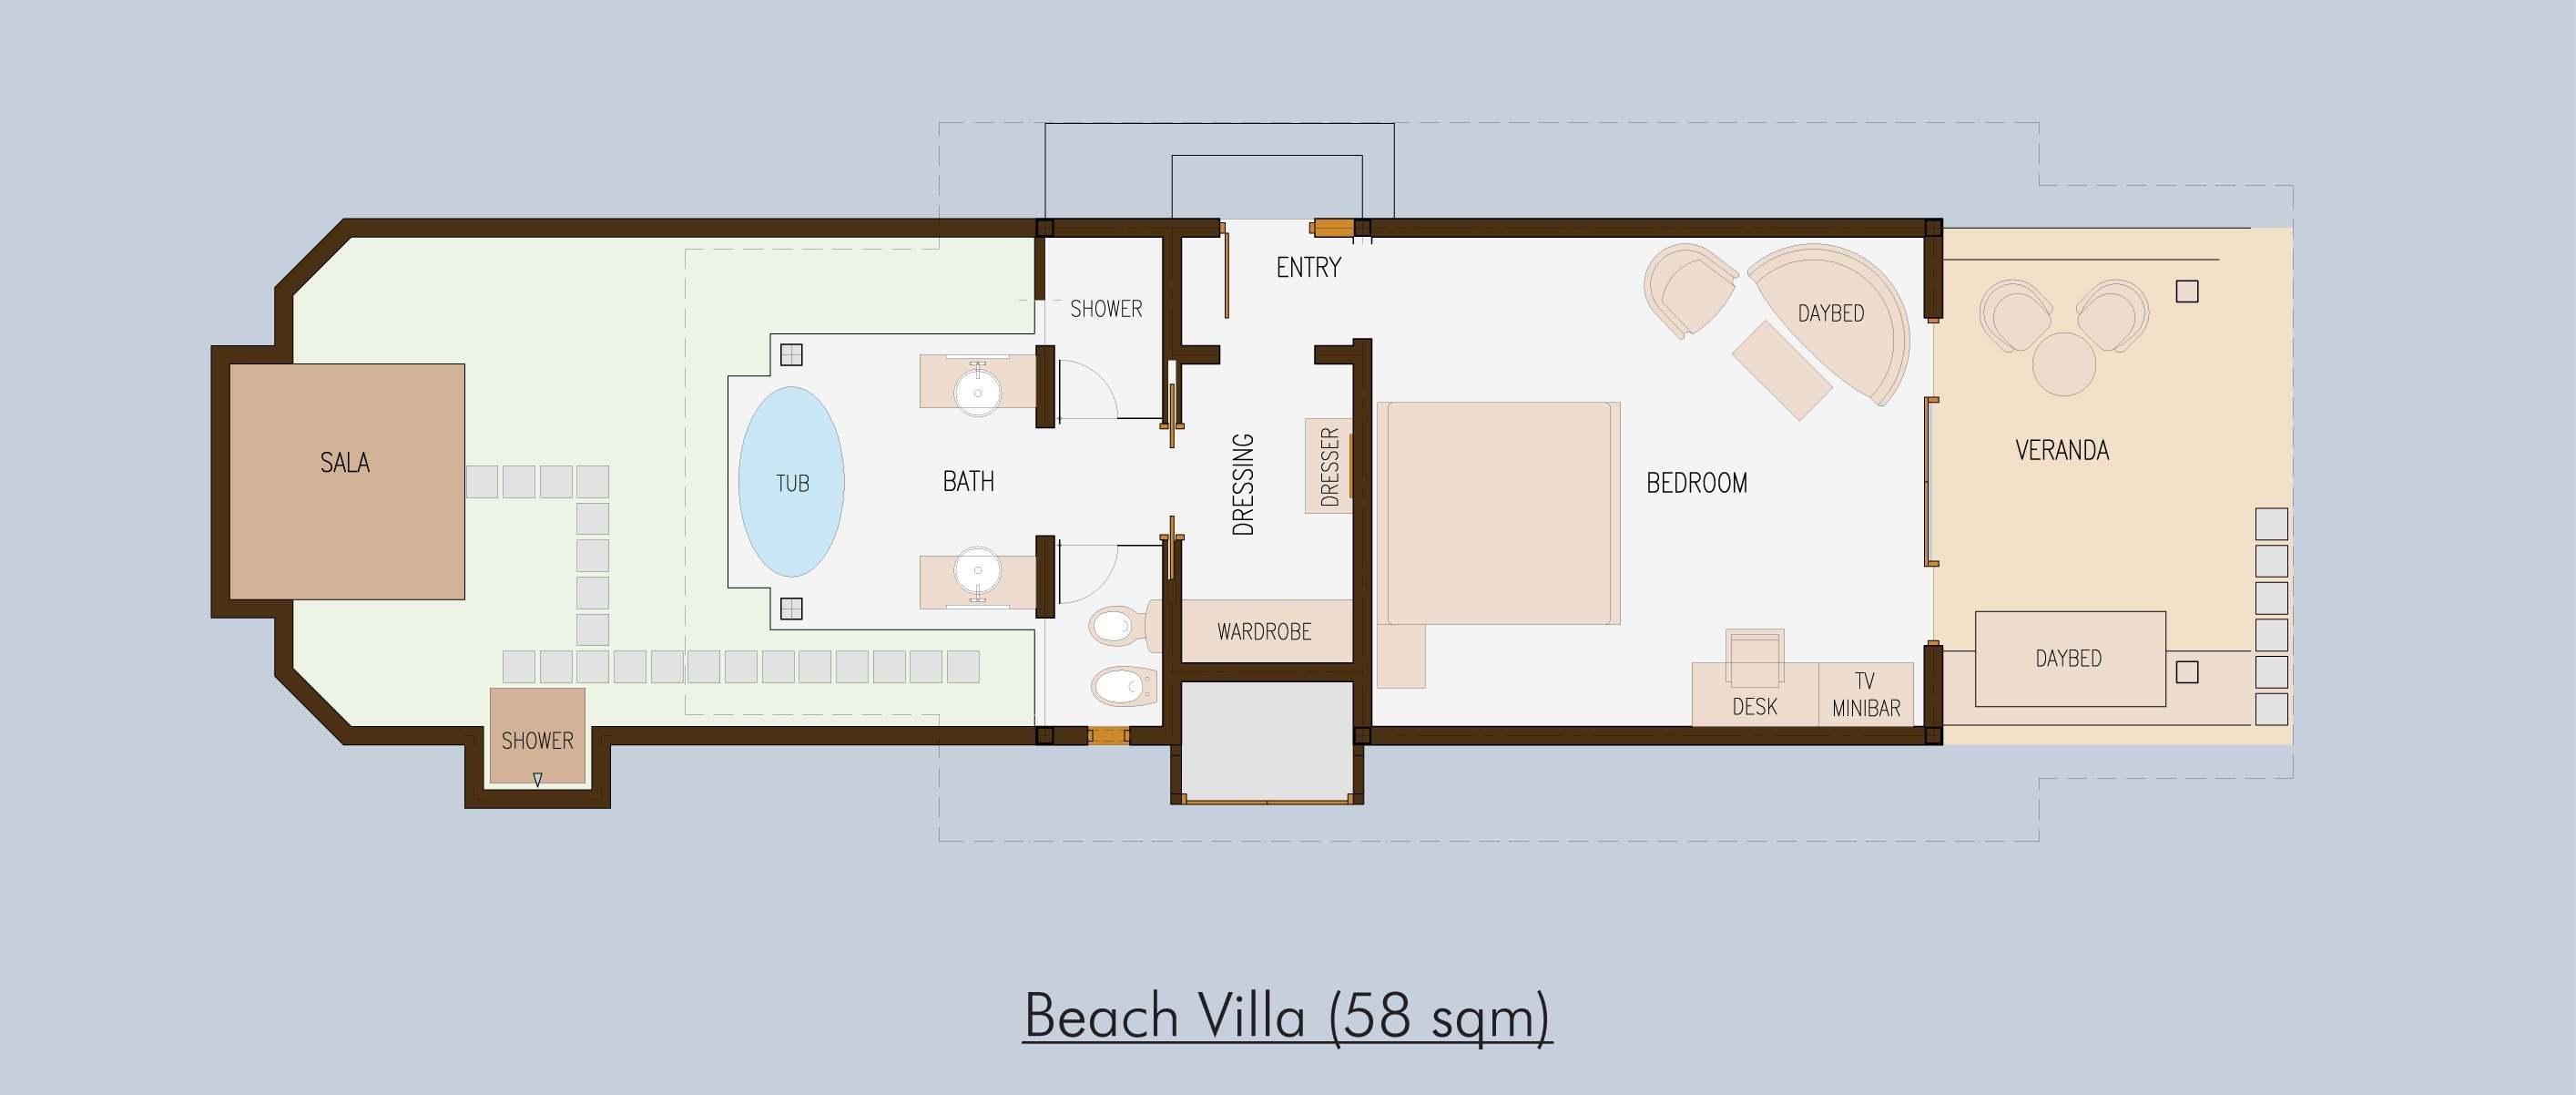 star island resort 2 bedroom floor plan free home design club wyndham wyndham resort at fairfield sapphire valley